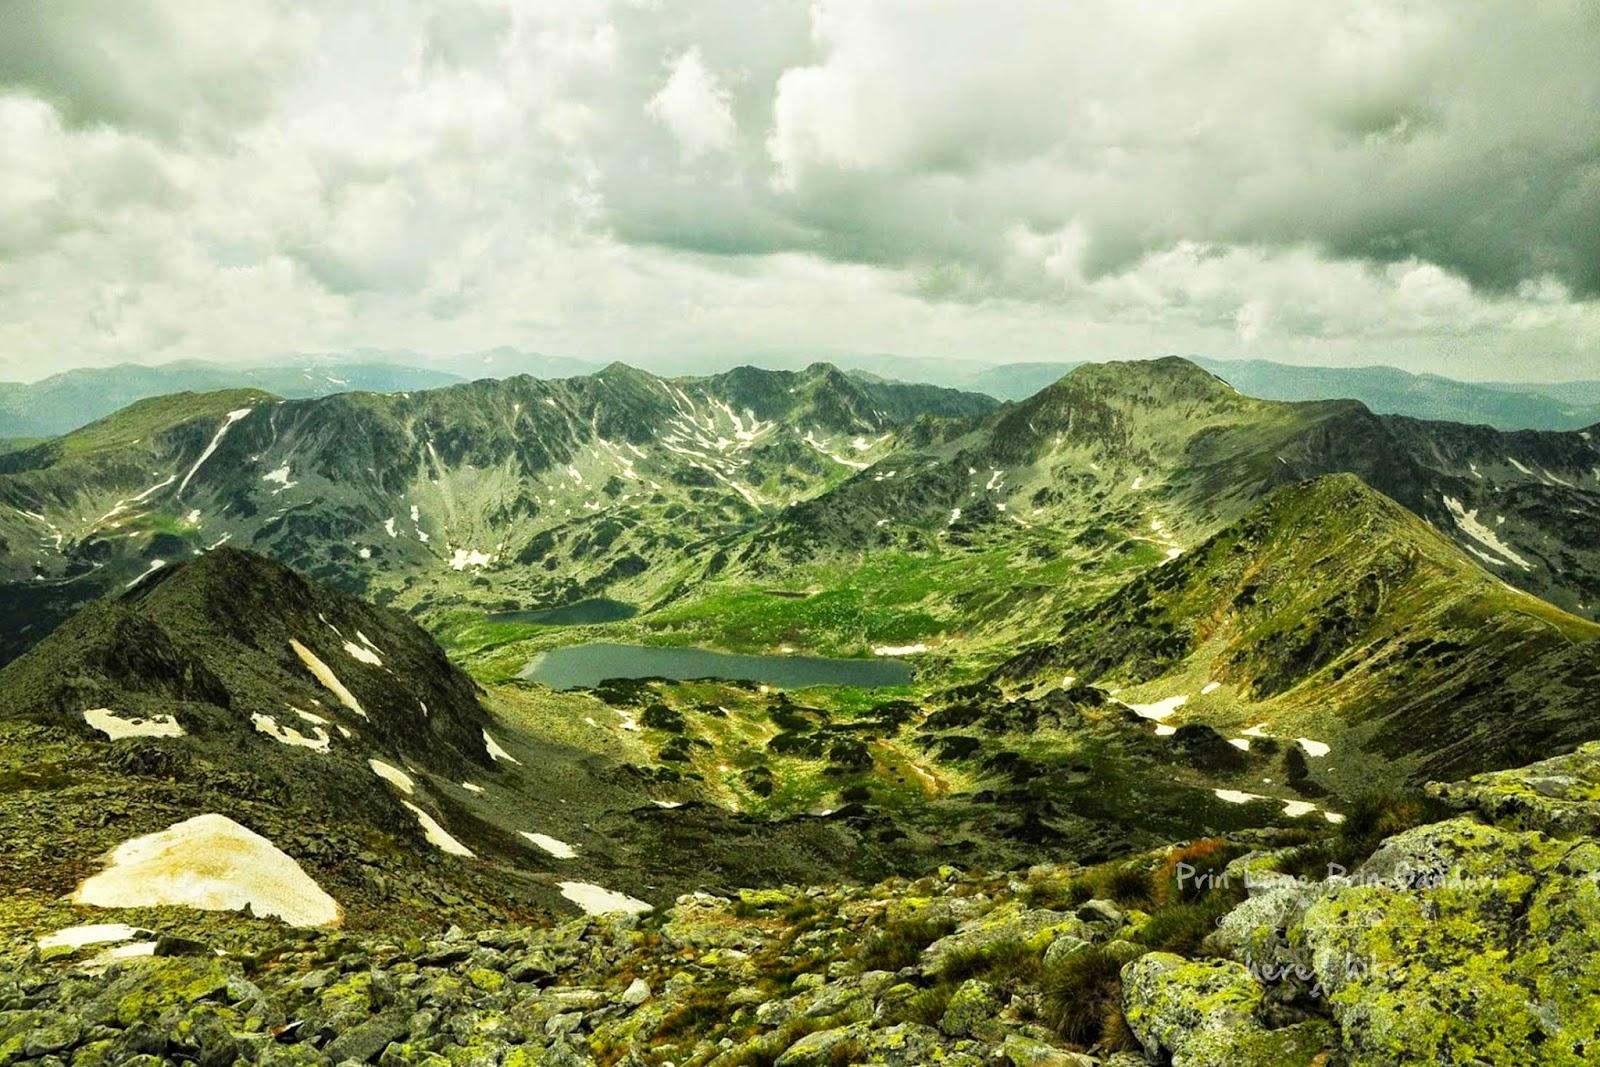 Peleaga_Peak_close_peleaga_peak